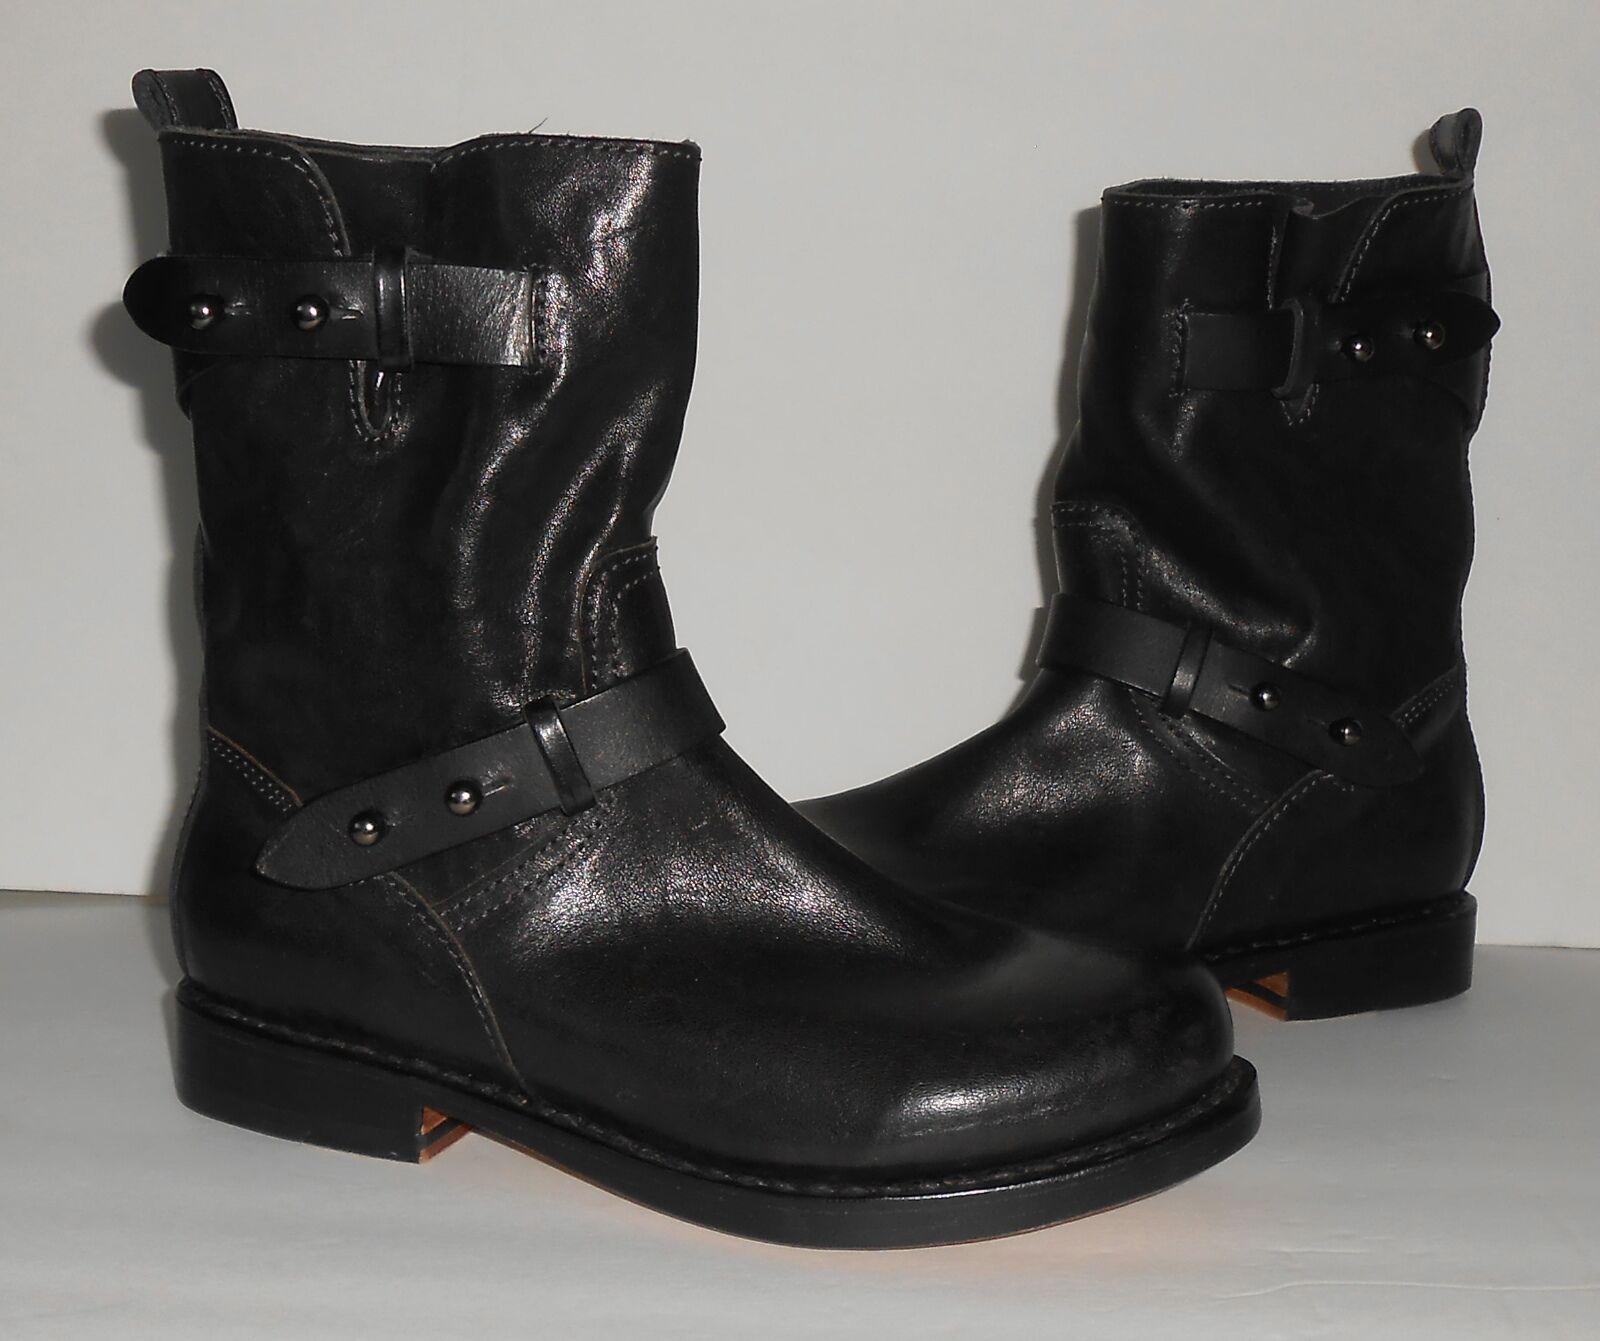 Rag & Bone tobillo botas cuero de moto de cuero botas Talle 36 3d5fa3